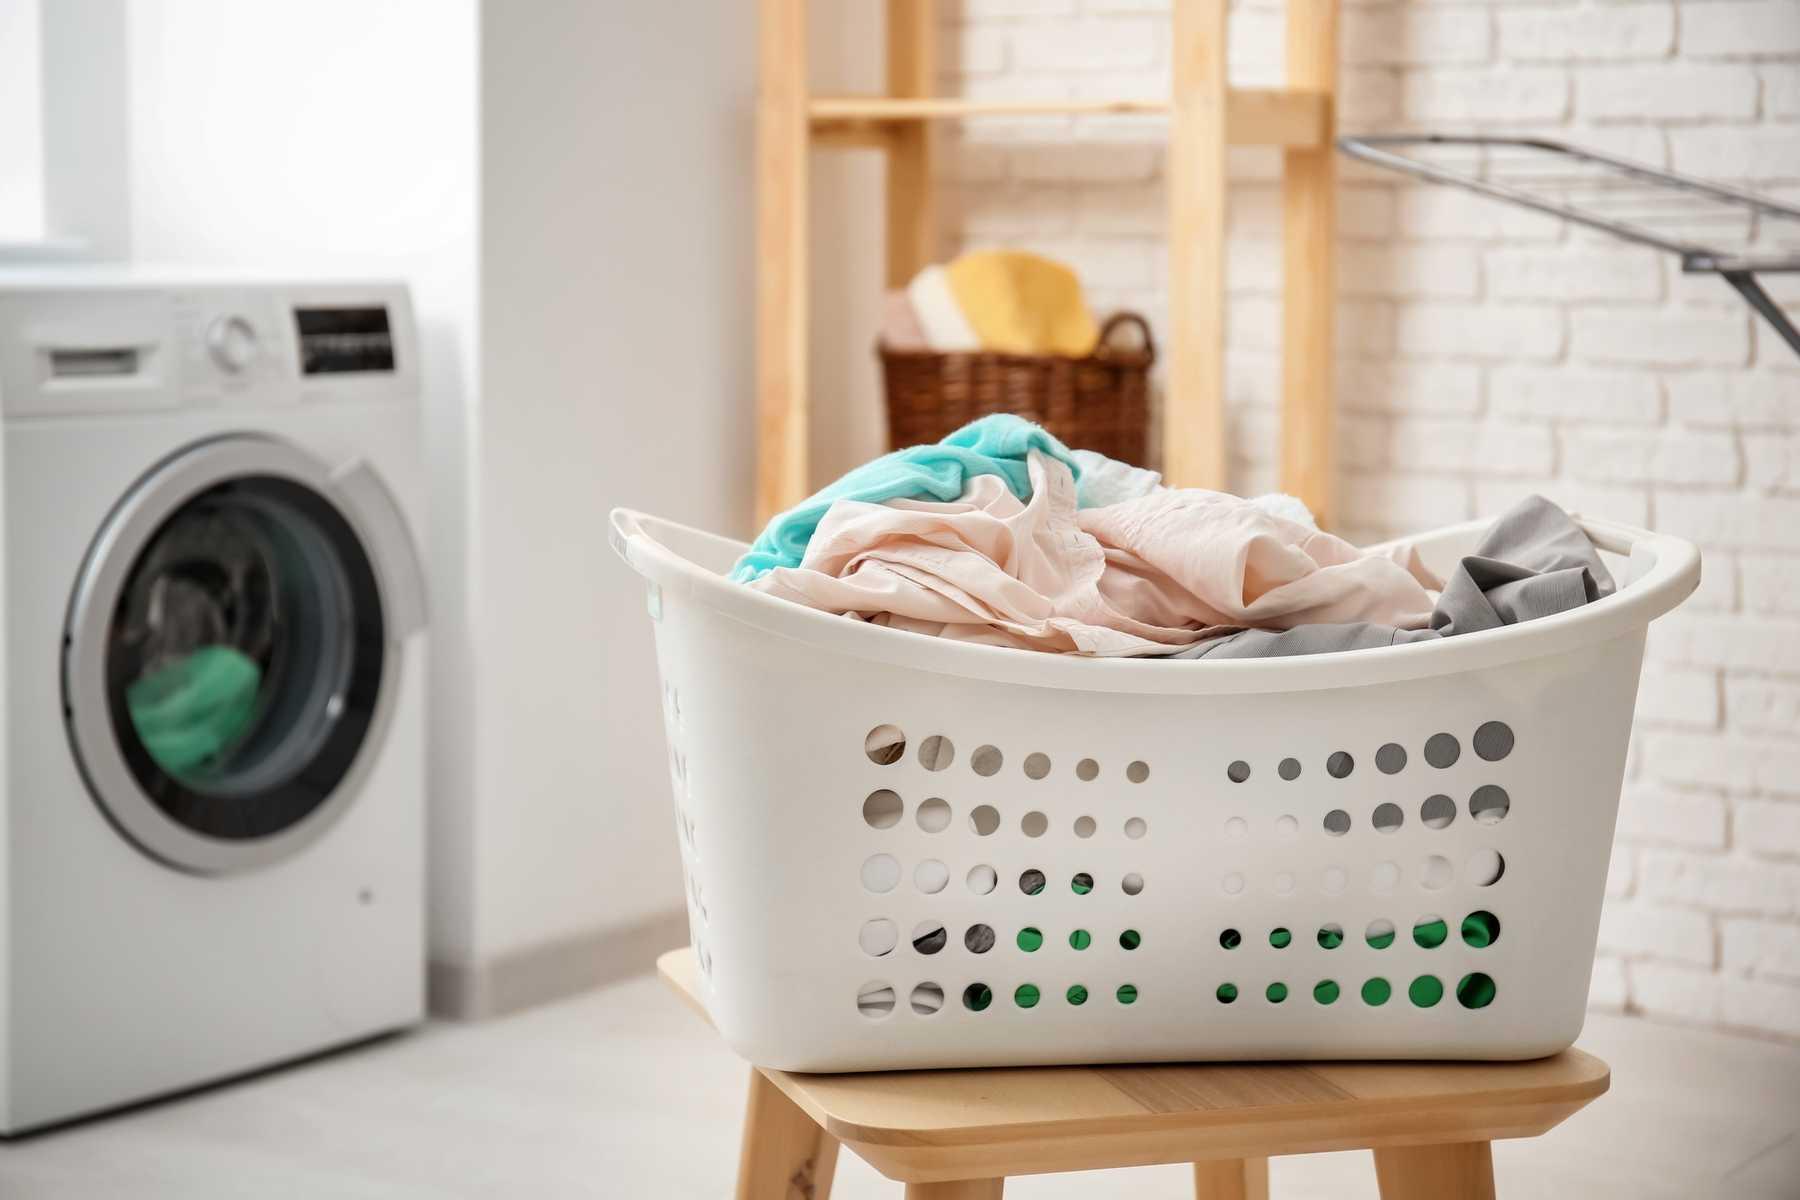 Phân biệt giặt khô và giặt ướt   Ưu và nhược điểm của từng phương pháp giặt